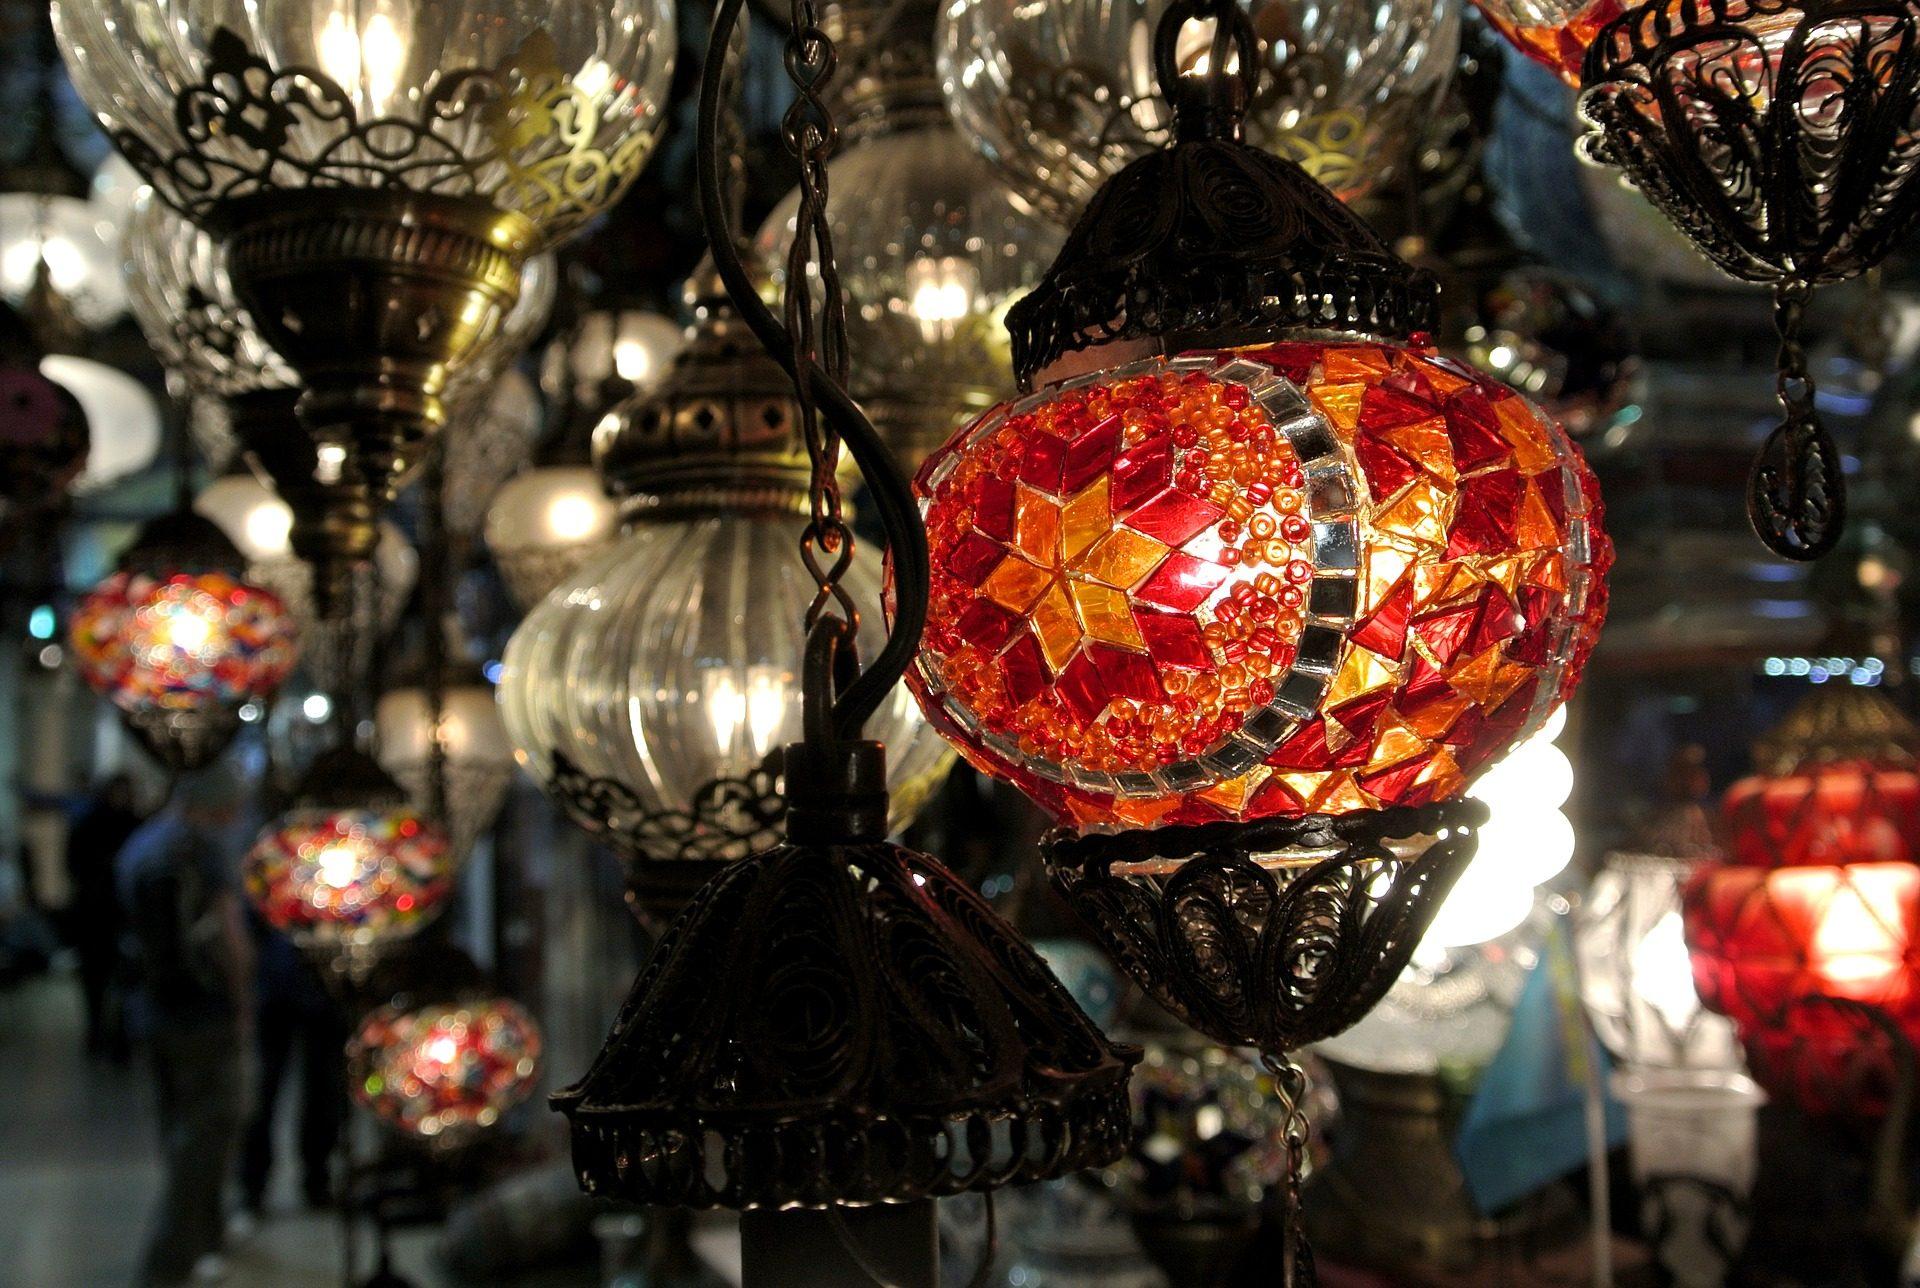 лампы, Кристалл, стекло, красочные, Шеенс, фары - Обои HD - Профессор falken.com